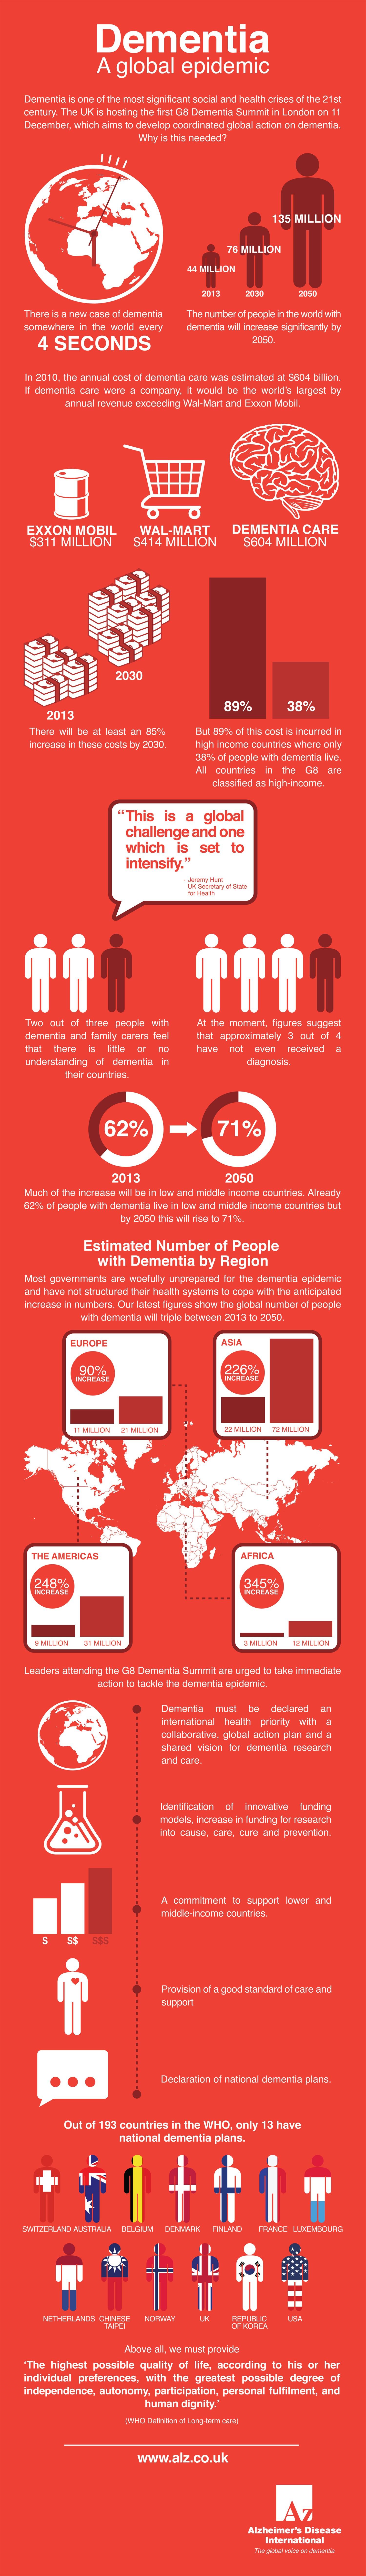 Infografía del impacto Global de las Demencias